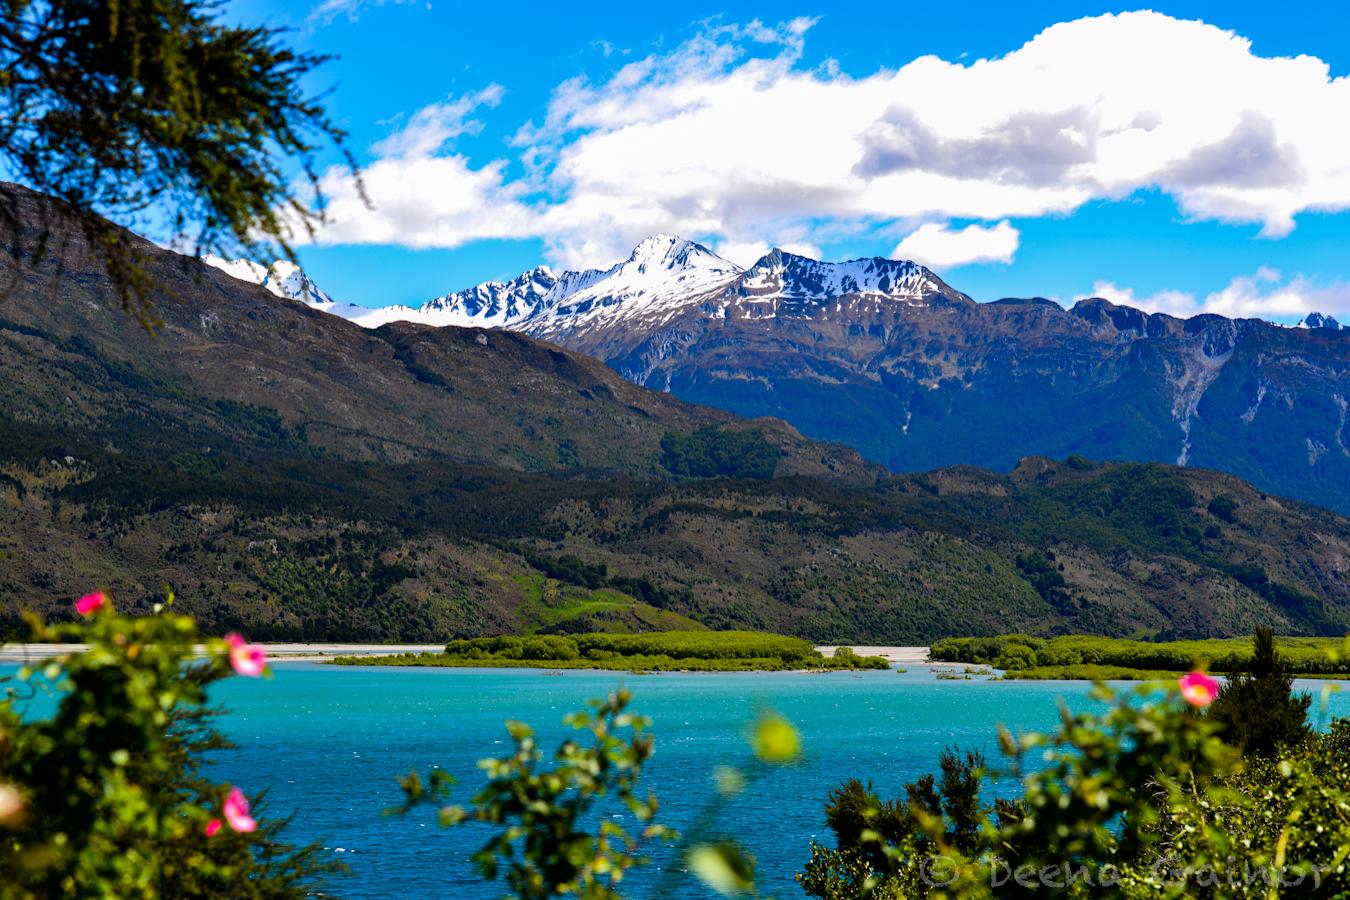 Photos Of Snow Day 197 Lake Wanaka New Zealand Six Hearts One Journey